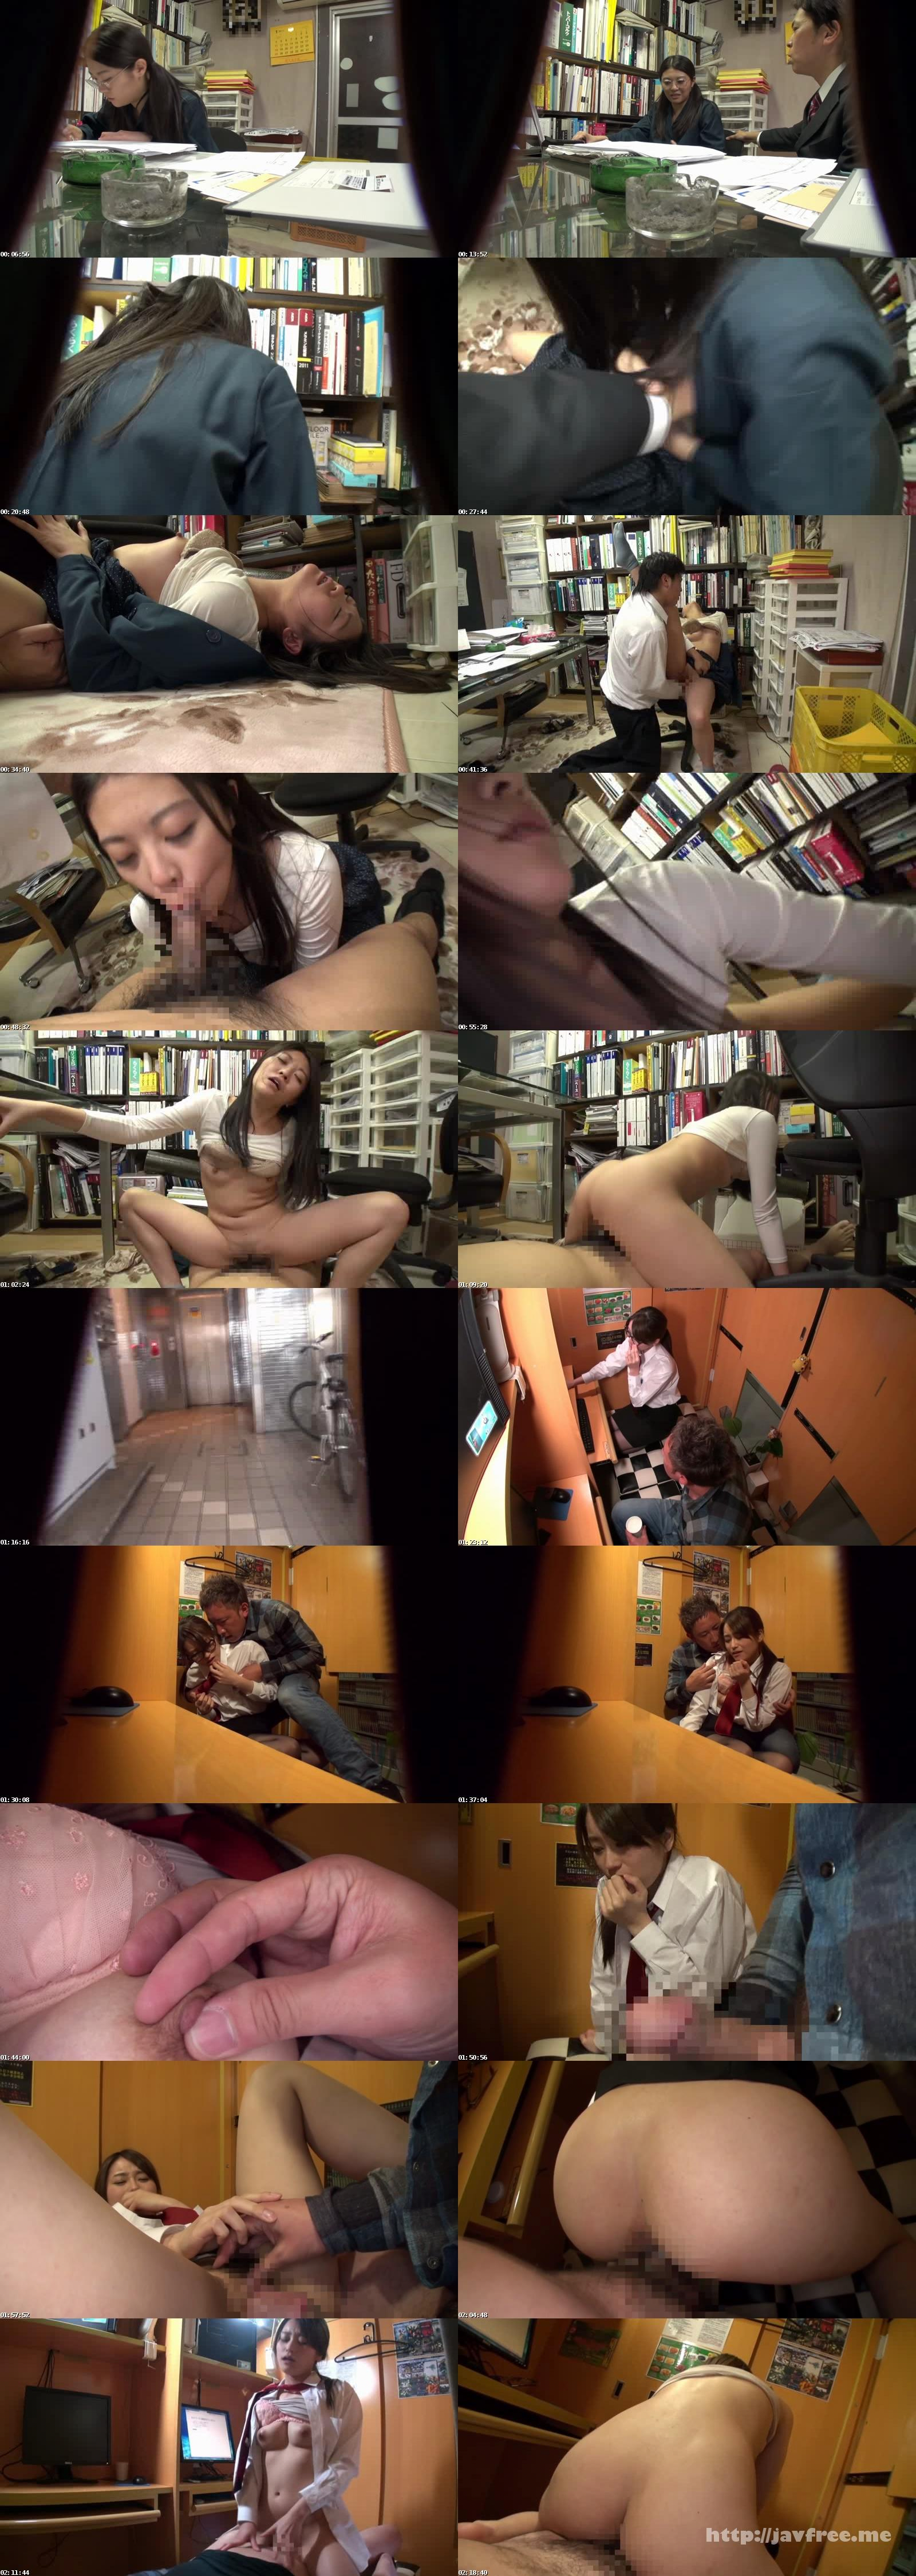 [DISM-035] 「街で見かけた地味女を強引に押し倒したらメガネが外れてイイ女に!?初めて体験する強引SEXの快感に我慢できずに騎乗位で腰をぐいんぐいんしはじめた」VOL.1 - image DISM-035a on https://javfree.me